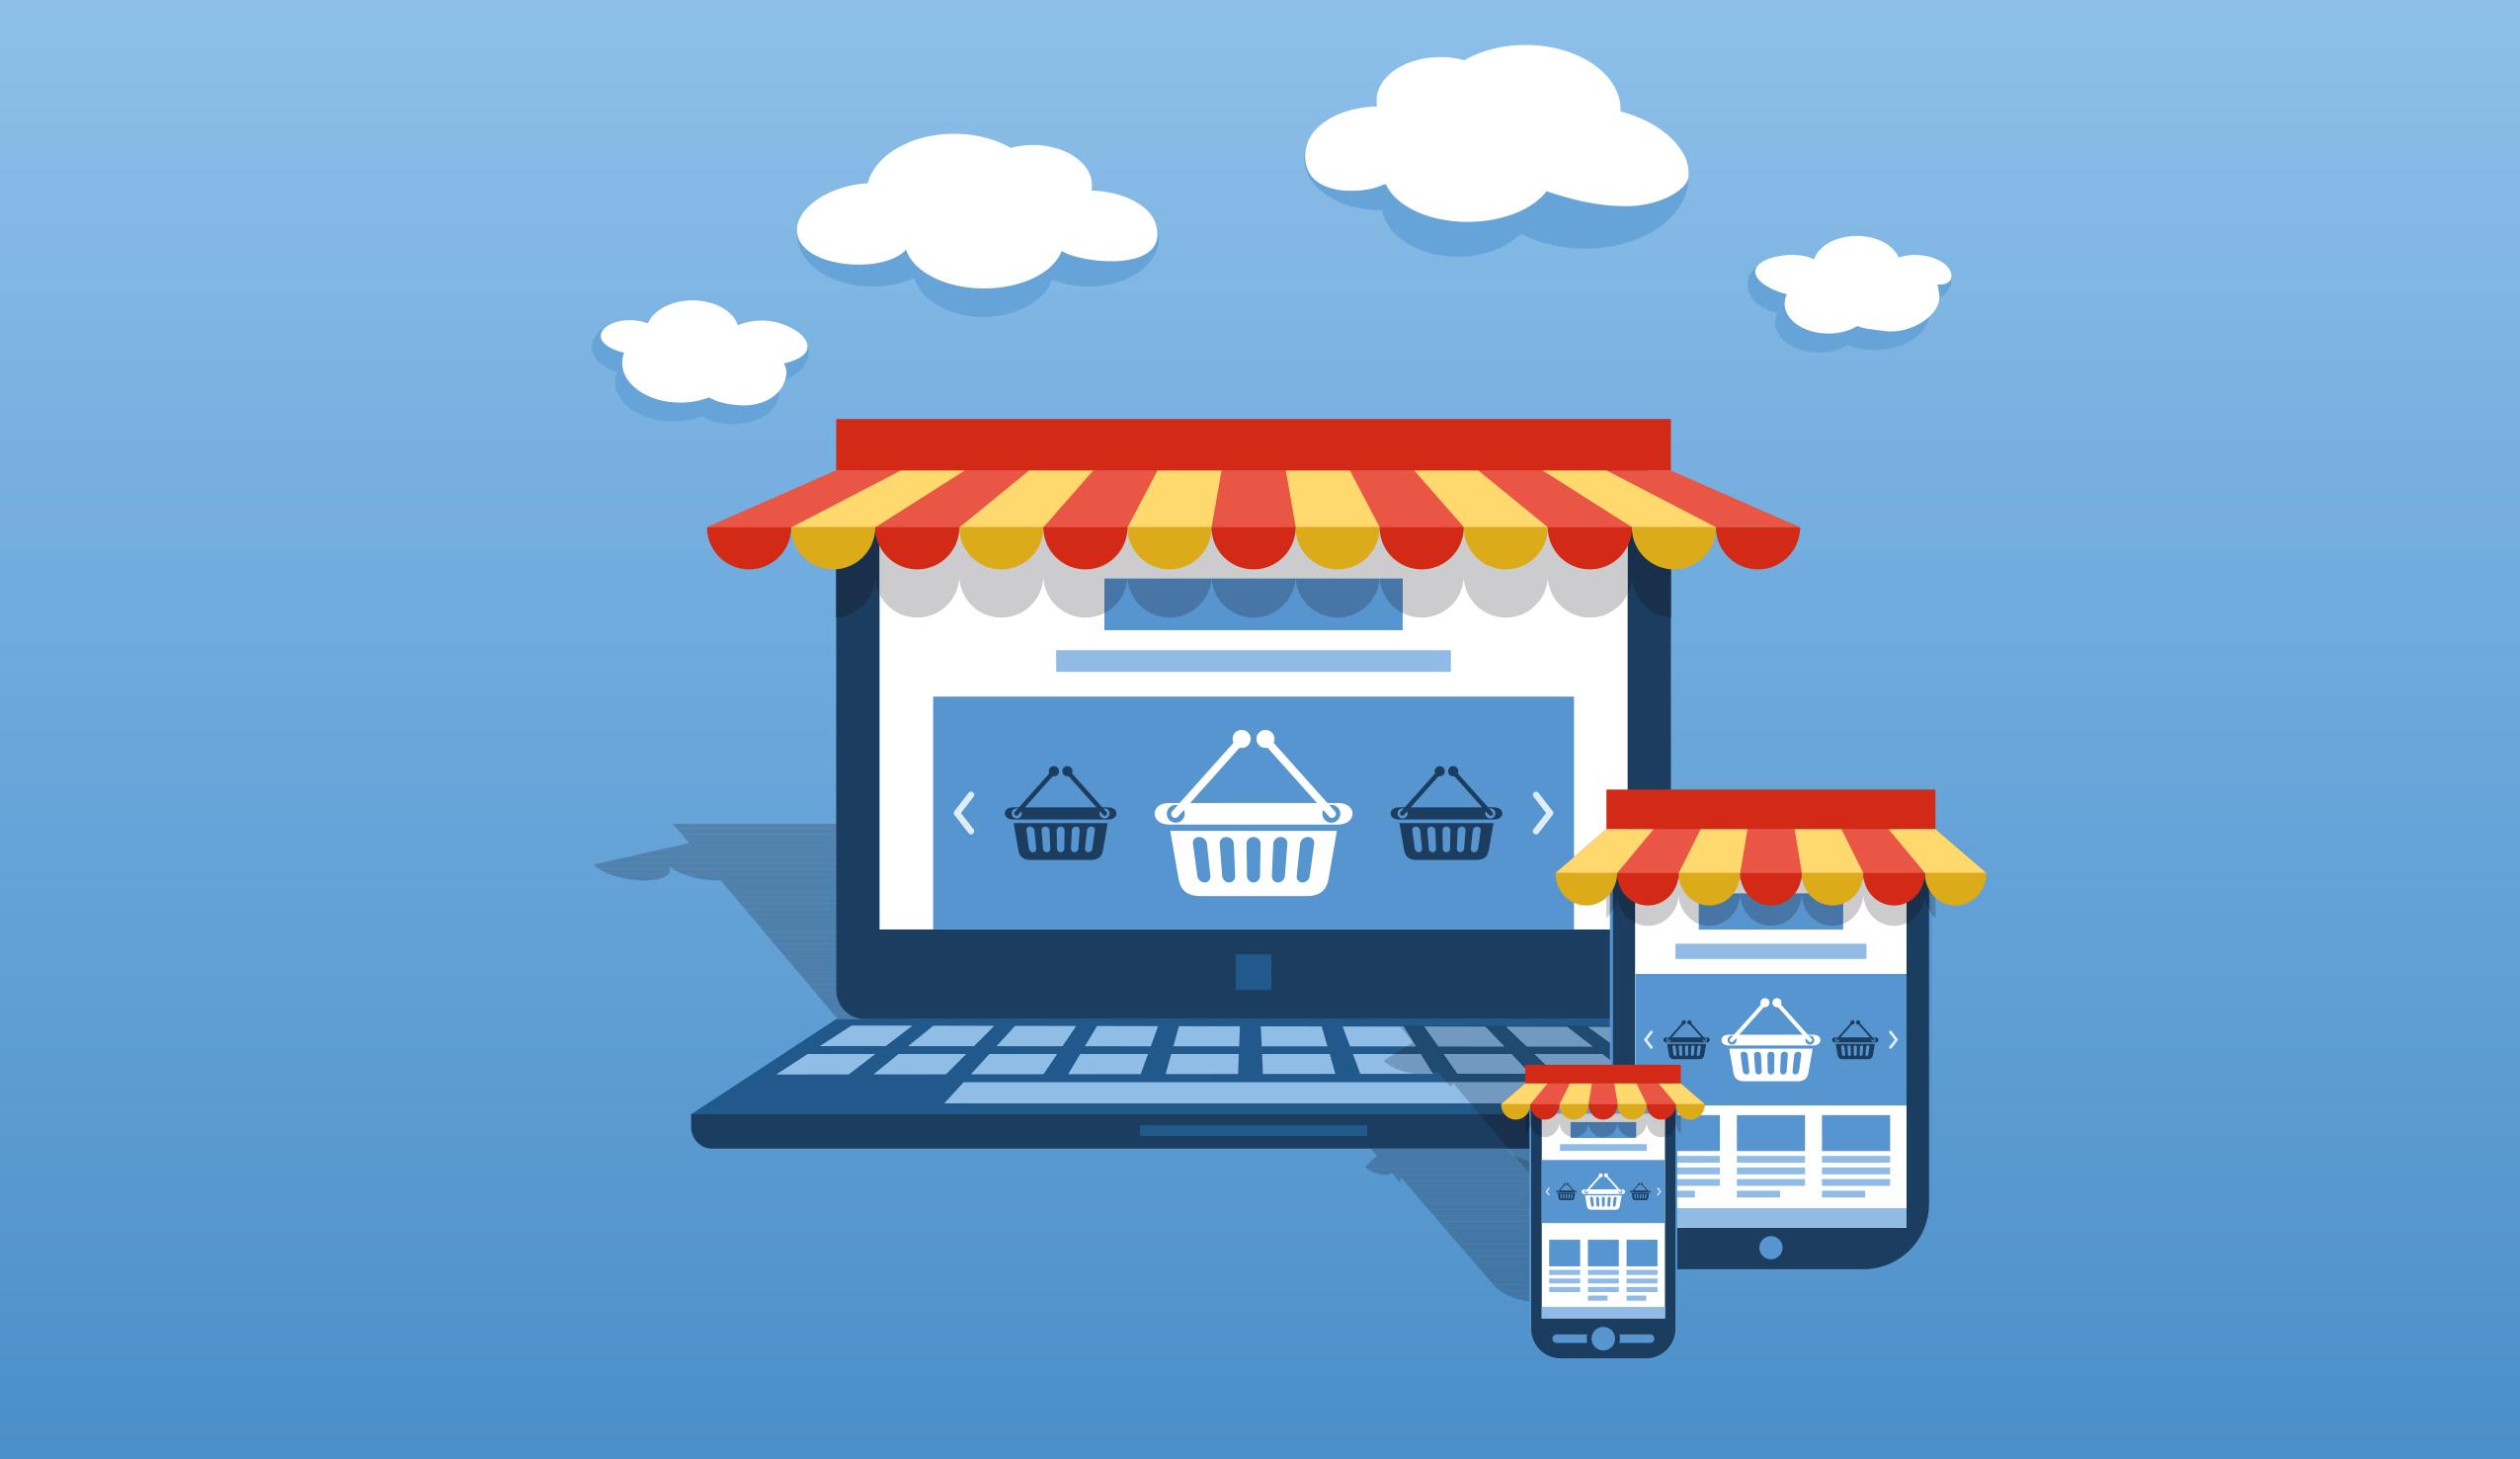 Come avviare un e-commerce in poche mosse